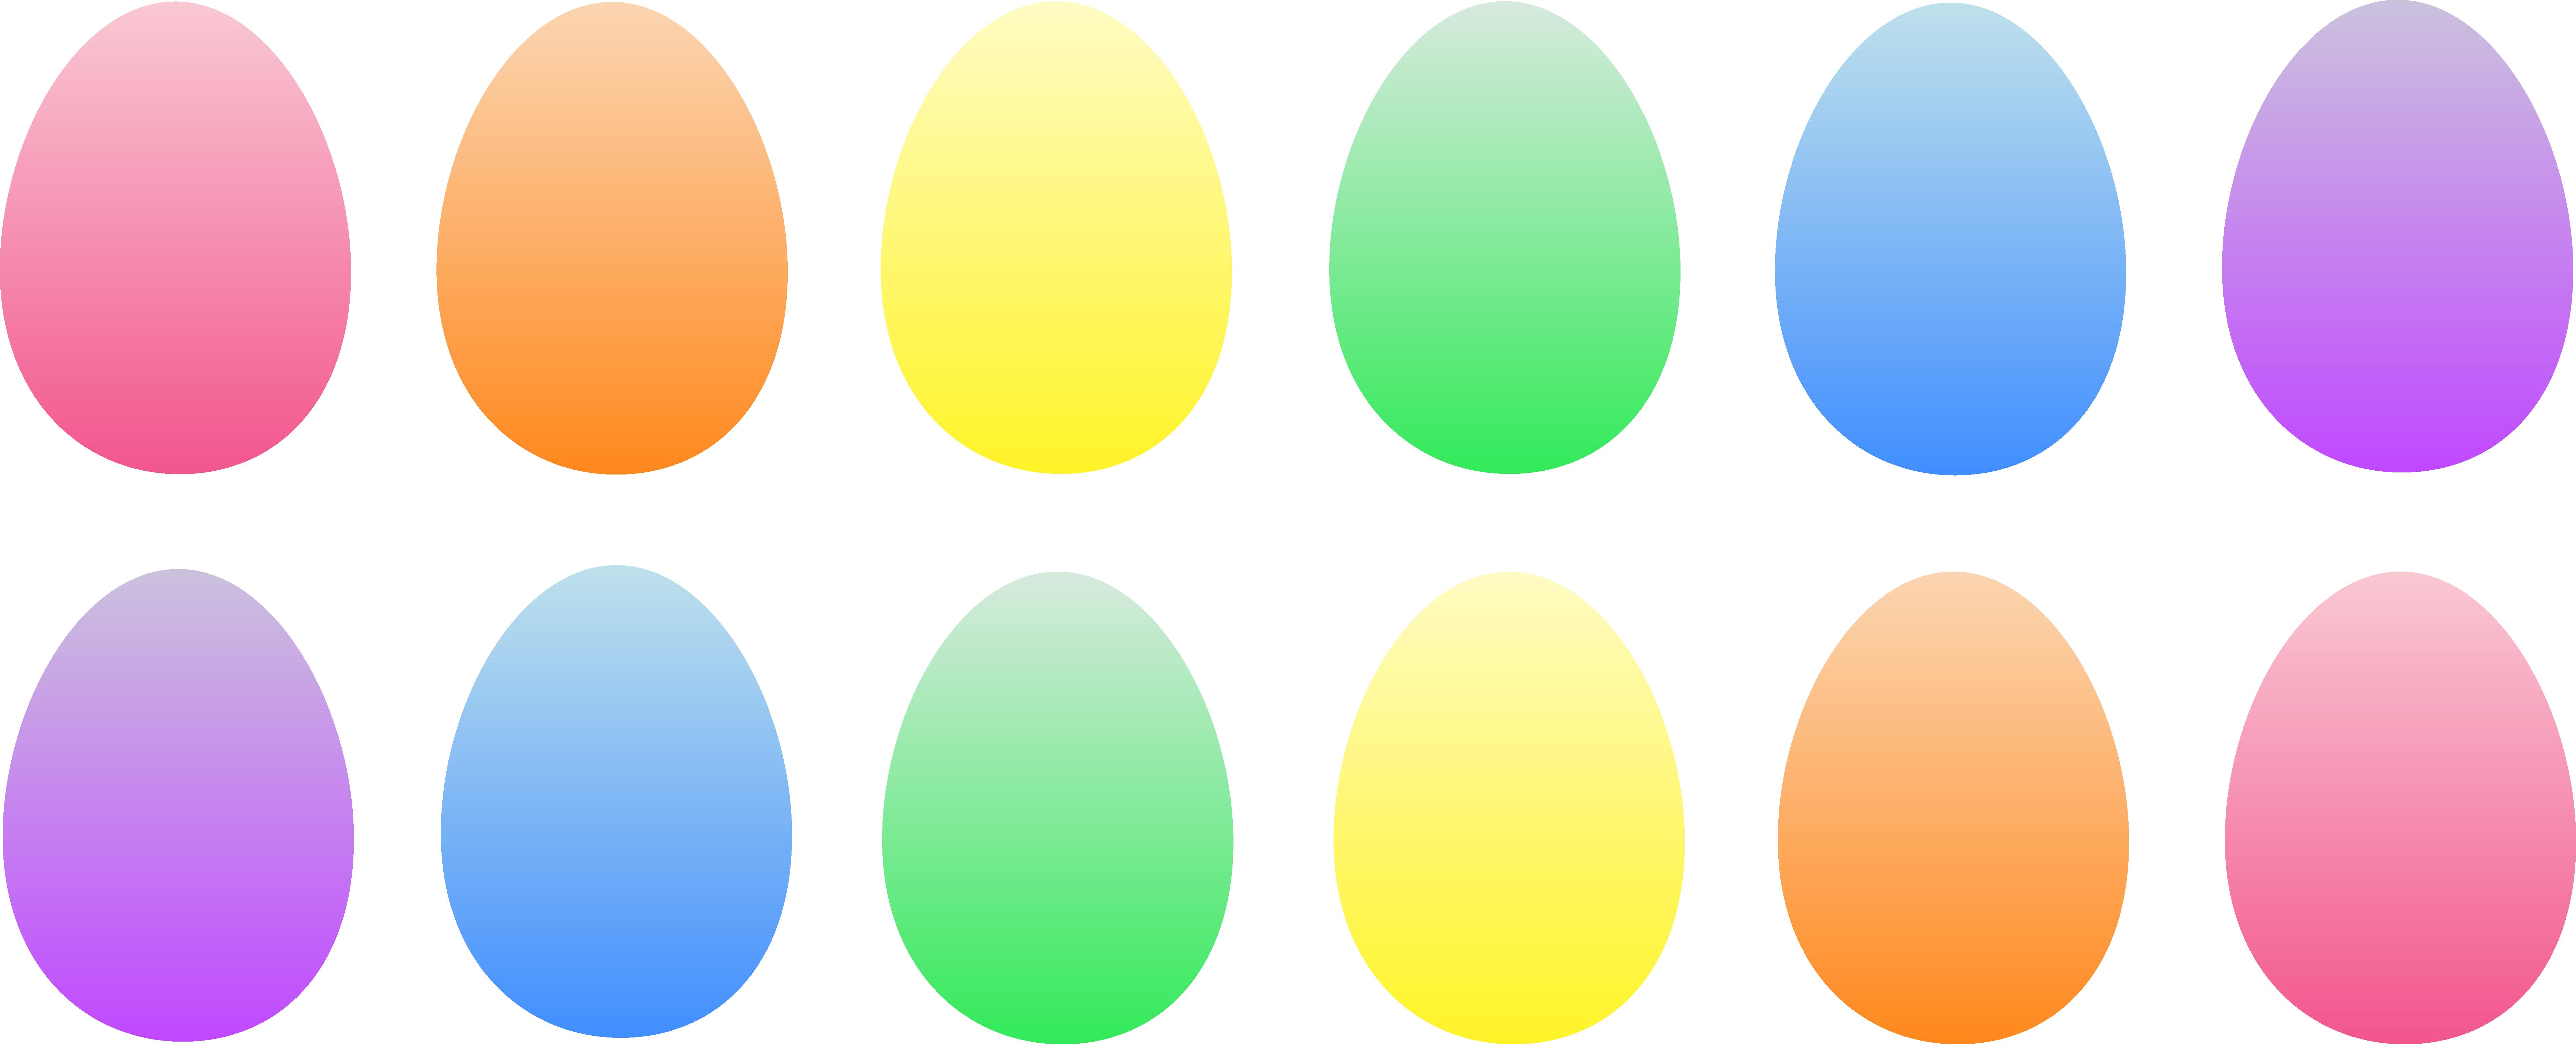 Colored easter eggs plain. Clipart socks basket